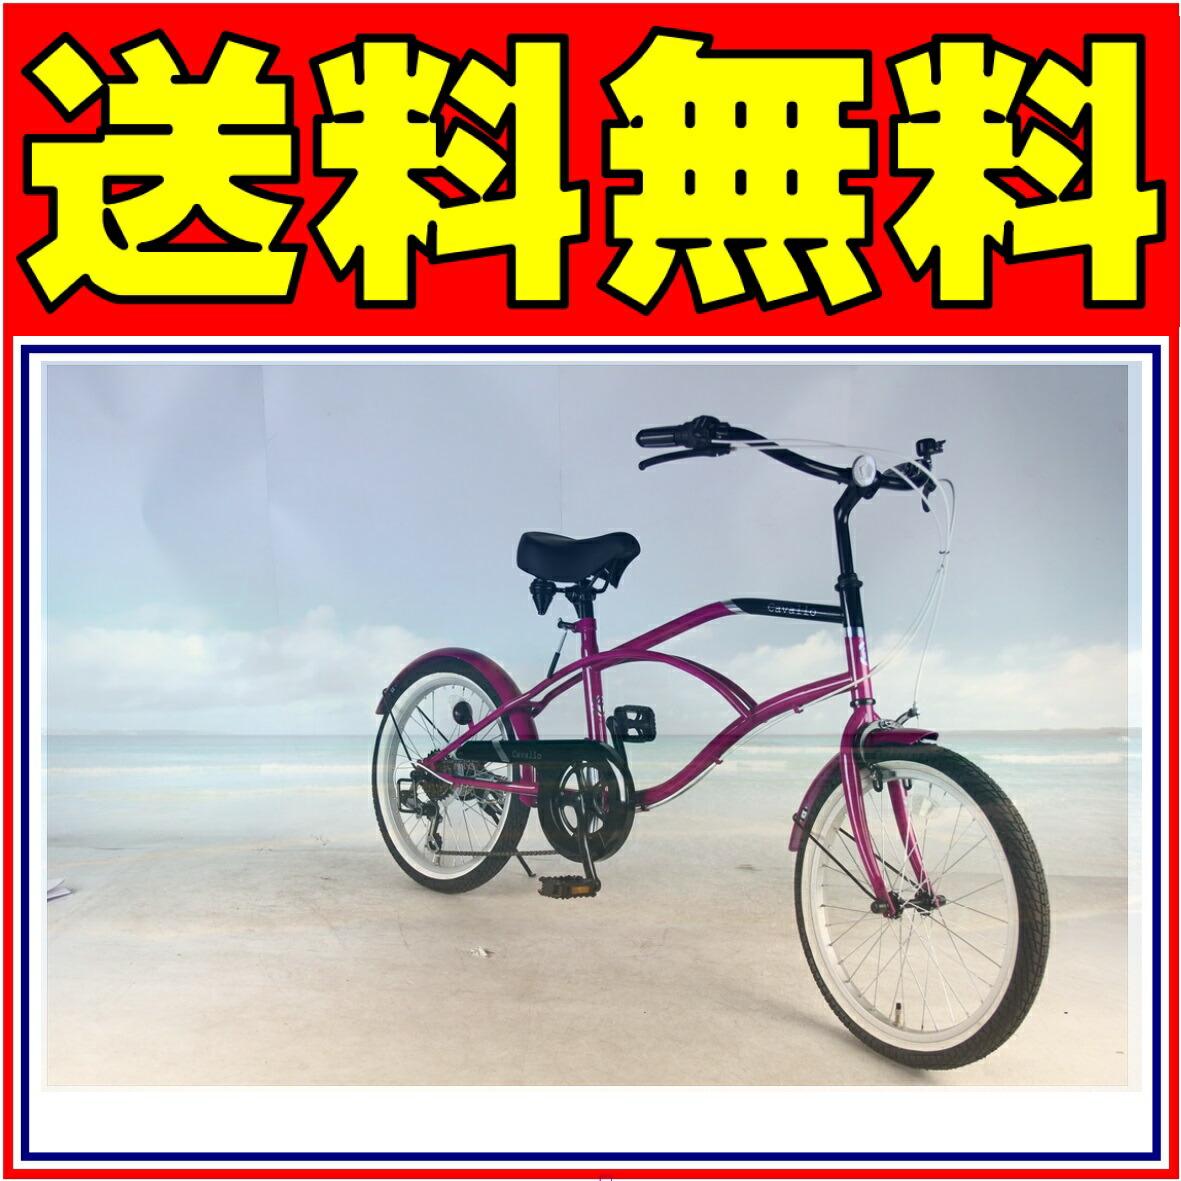 Cavallo ビーチクルーザー 自転車 ピンク/パープル 街乗りに最適 20インチ 外装6段 ビーチクルーザー 自転車 17CVL 20型 ミニビーチ 外装6段変速ギア パープル 自転車